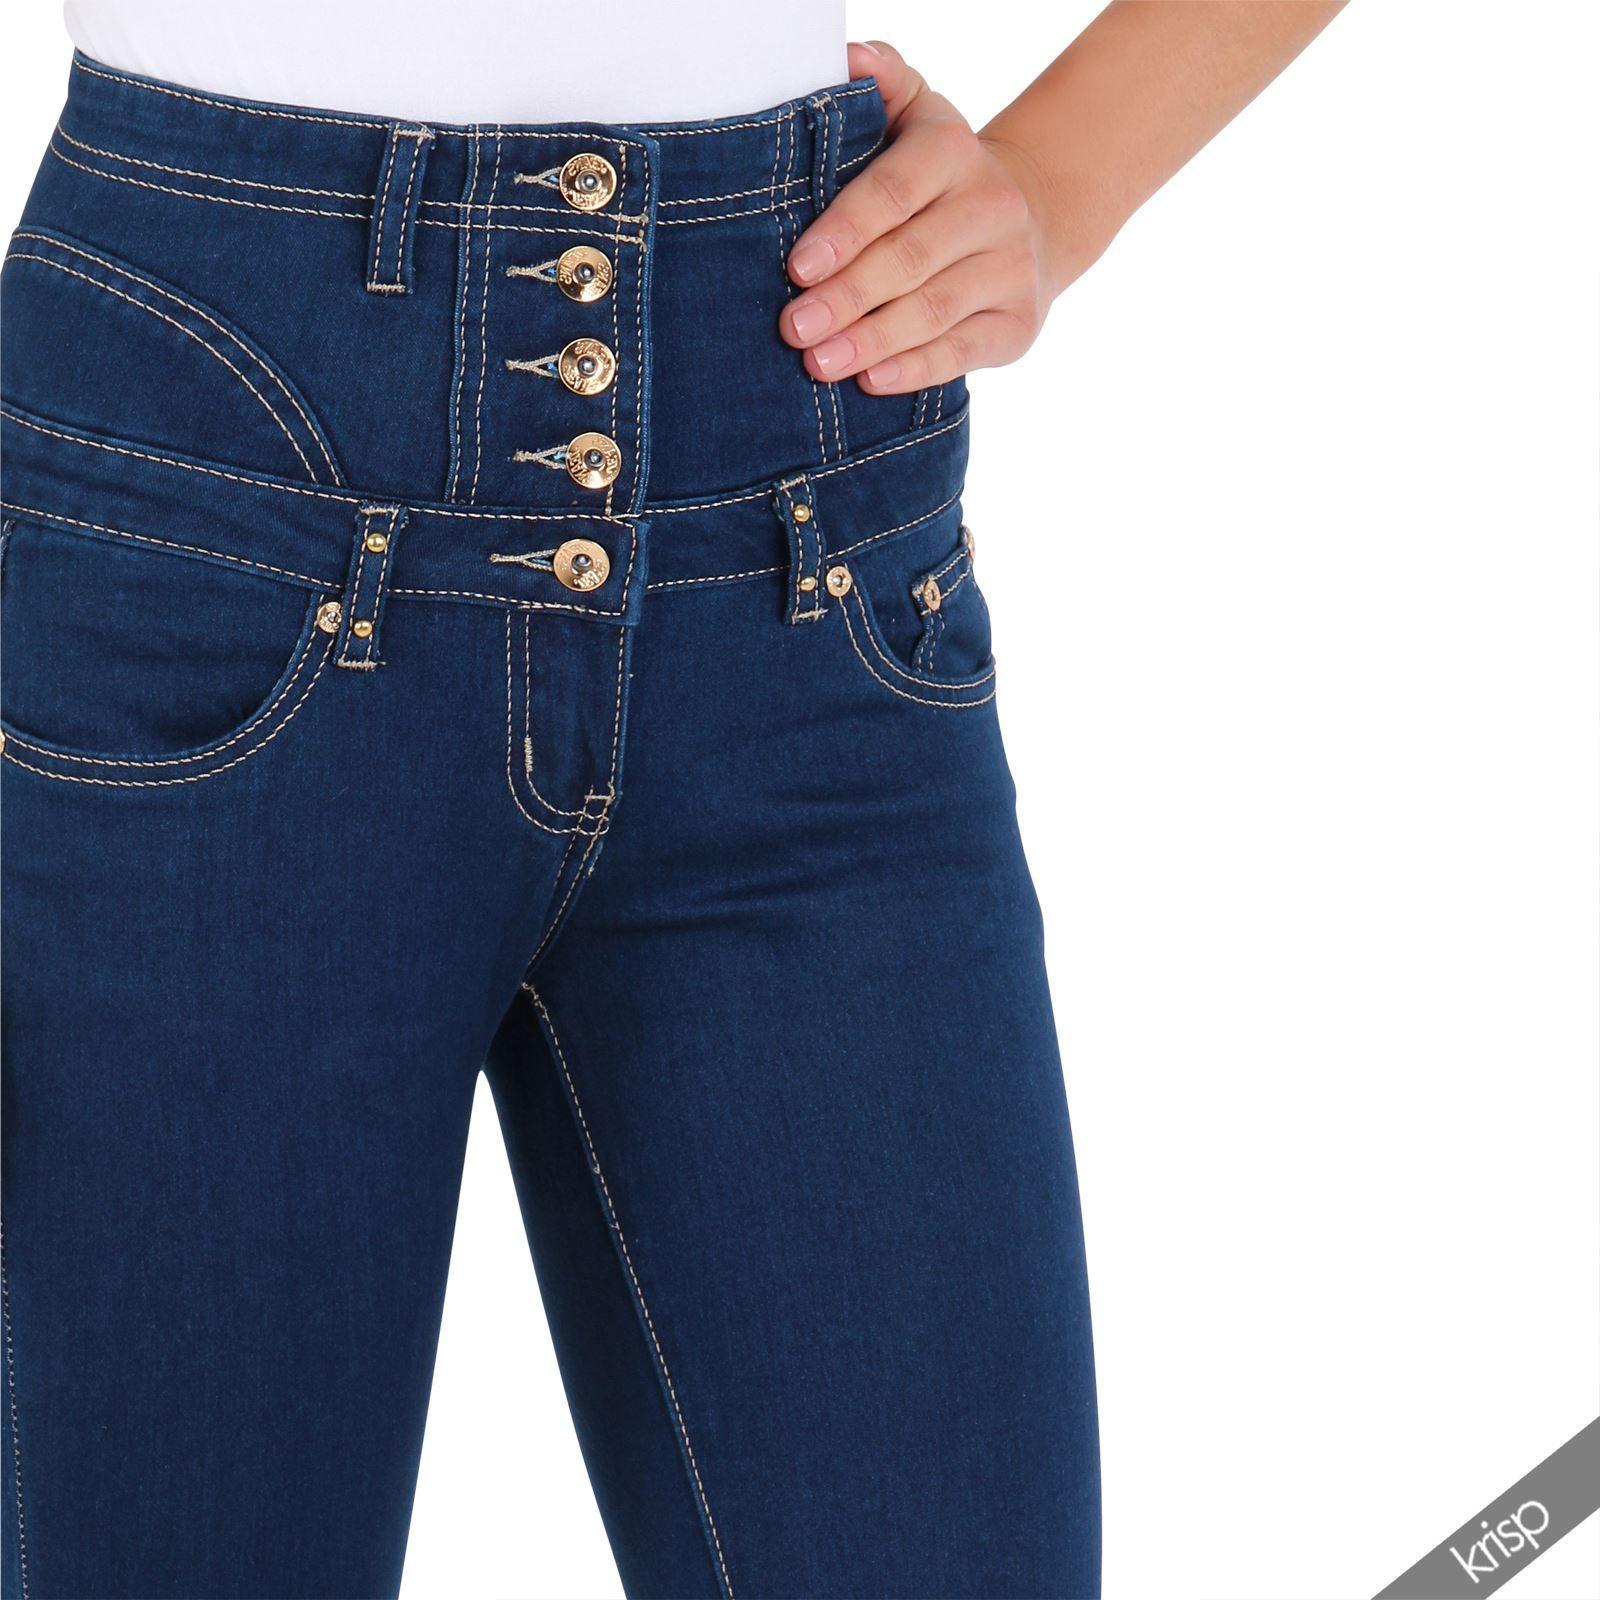 damen high waist stretch jeans rei verschluss hinten slim skinny hoher bund ebay. Black Bedroom Furniture Sets. Home Design Ideas